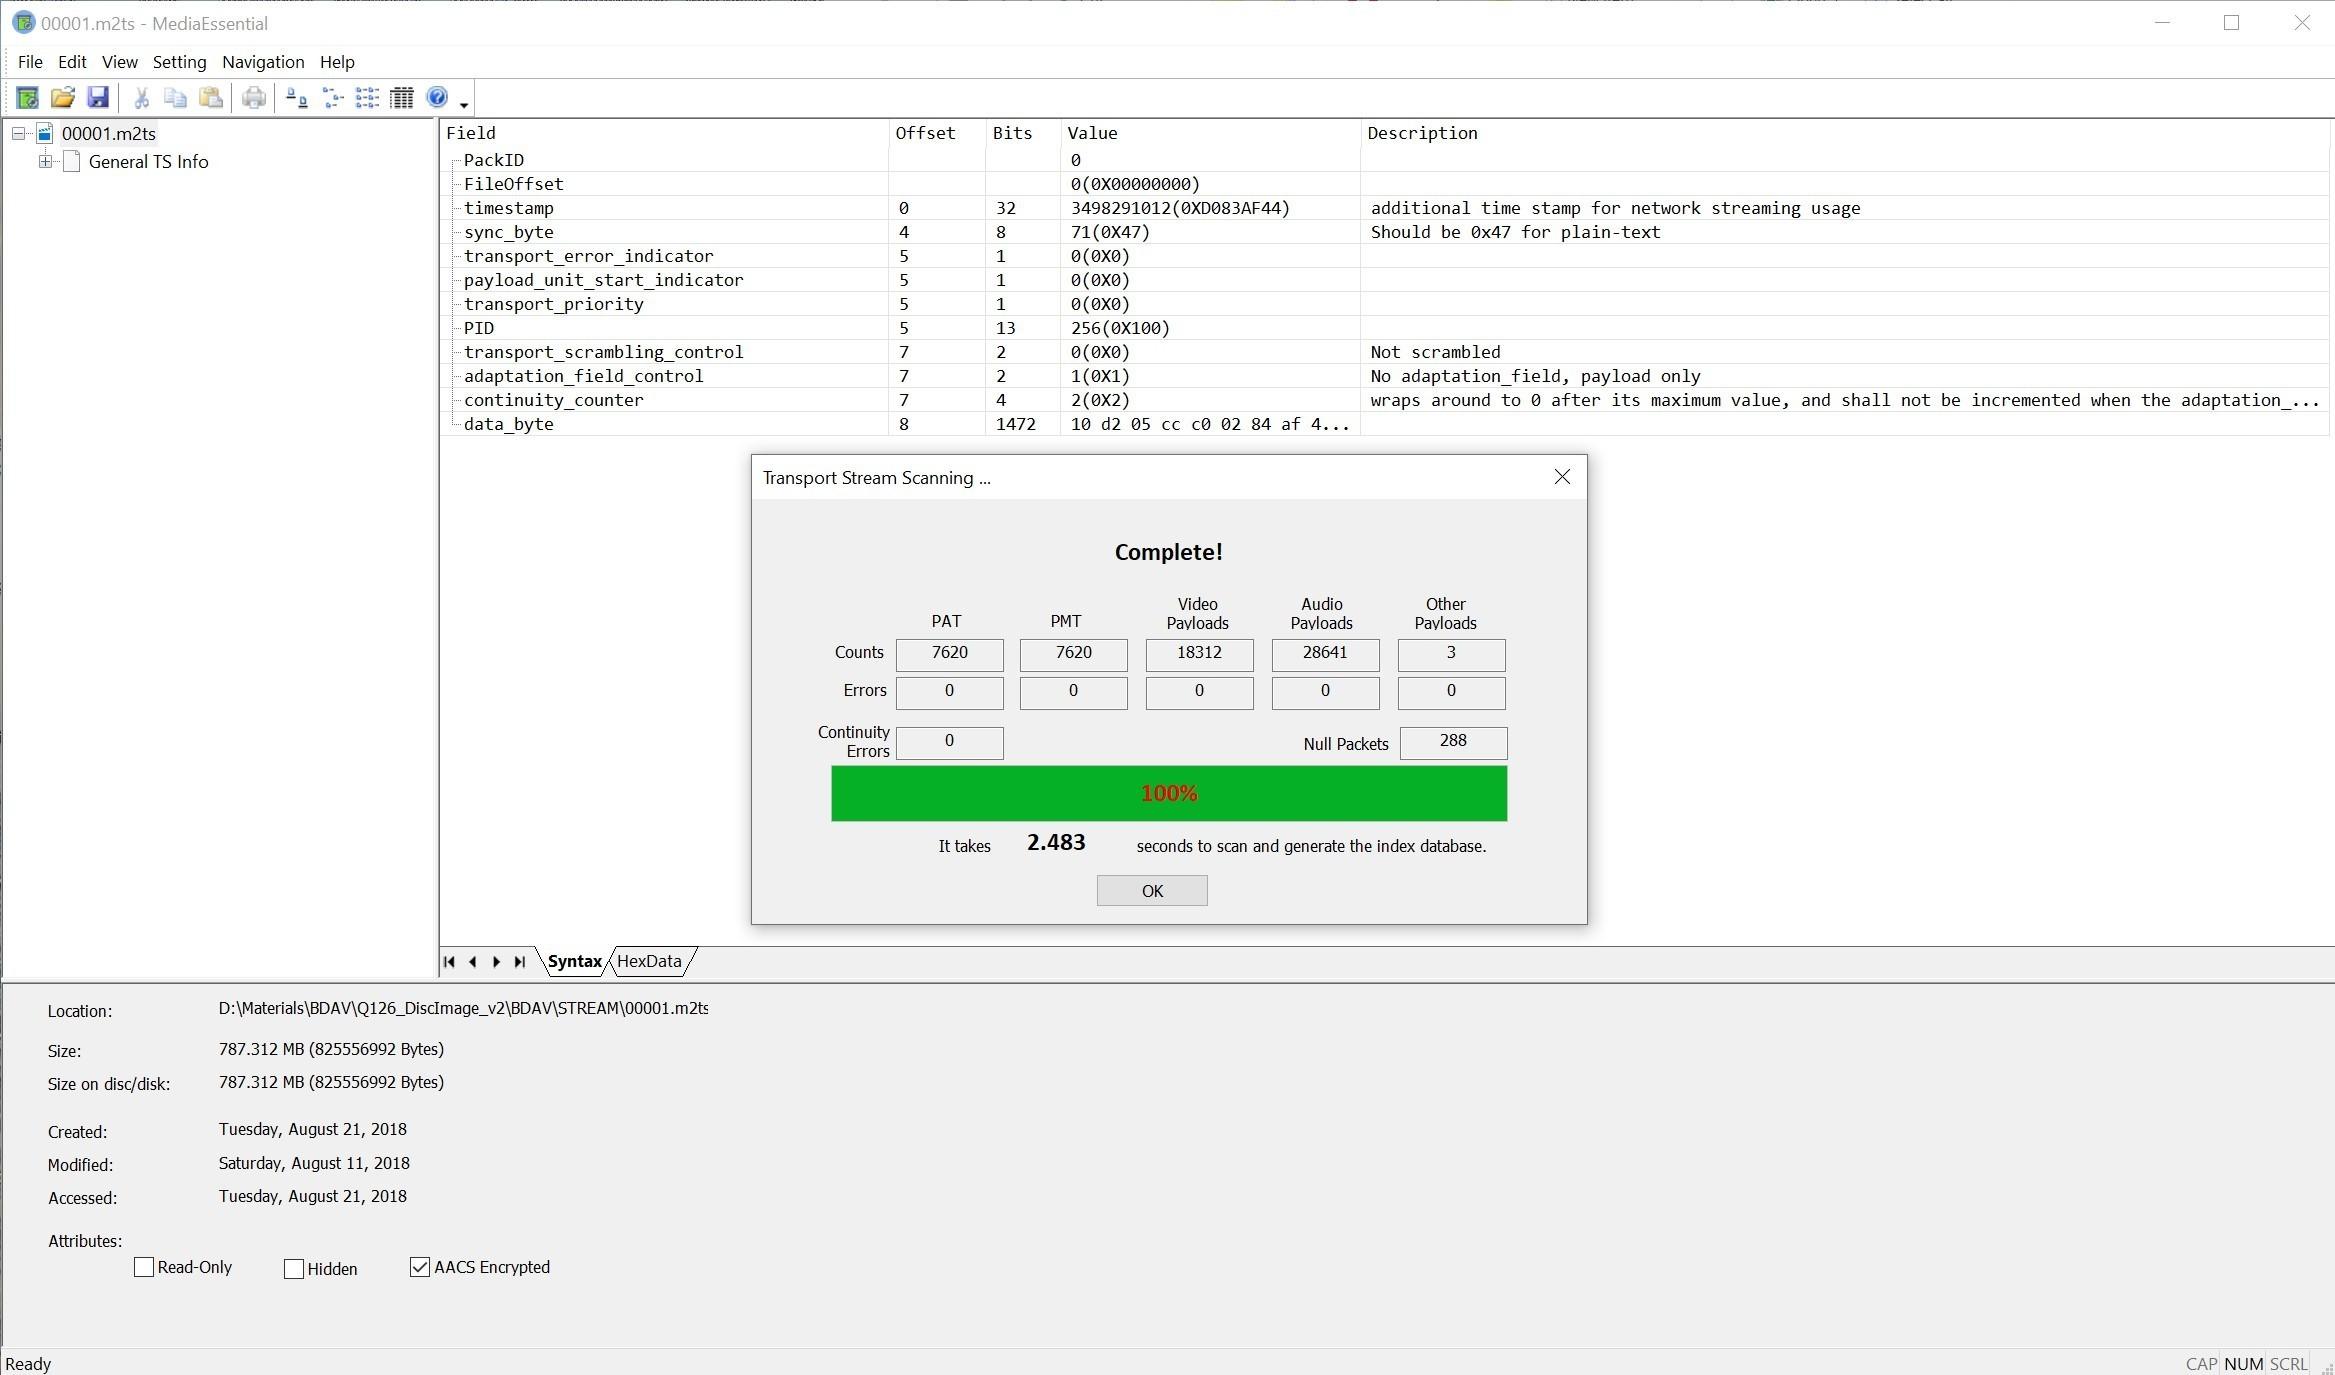 TS文件查看和分析工具